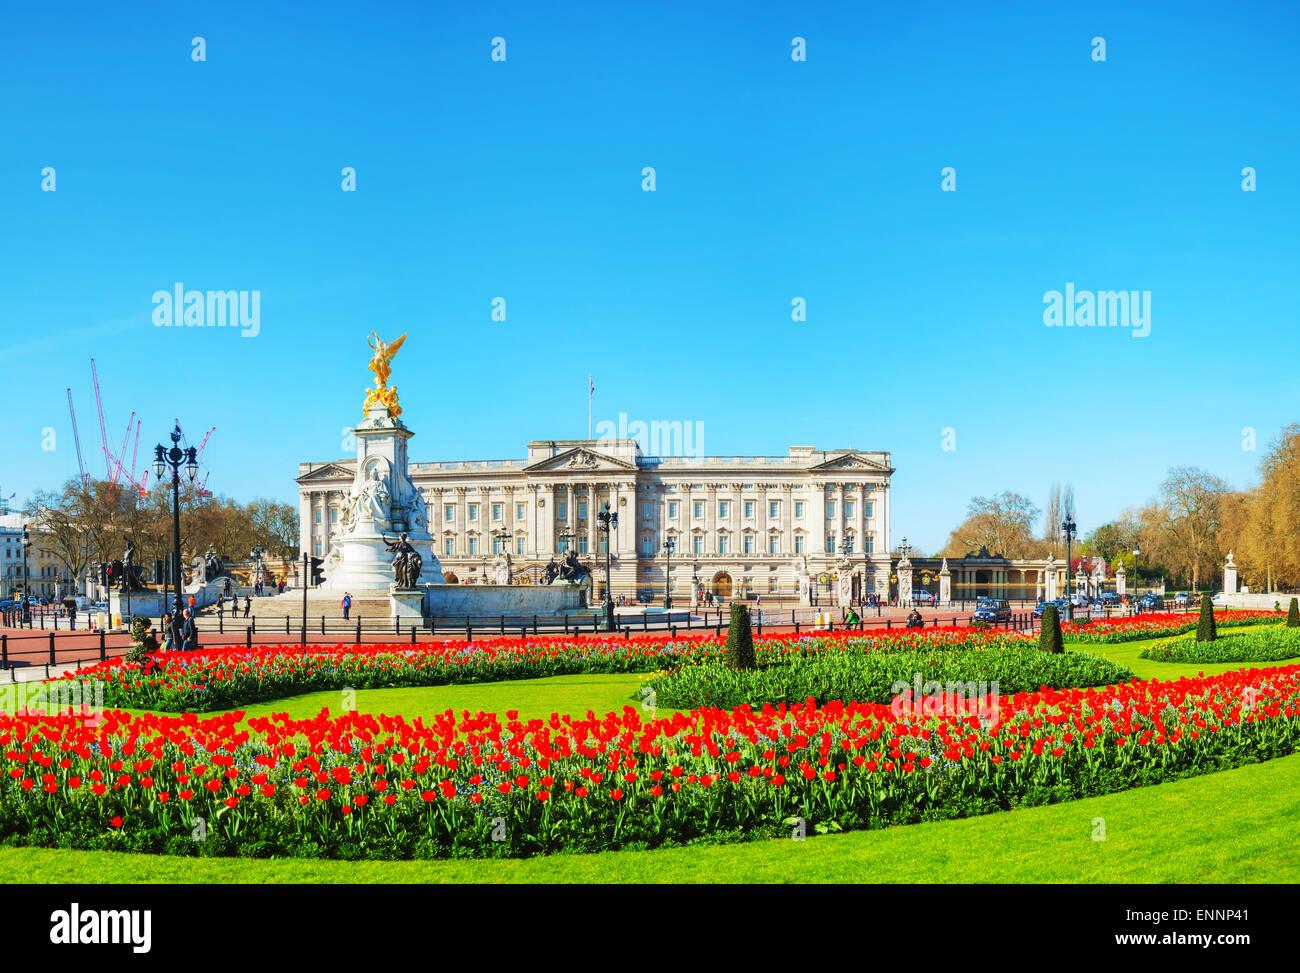 El palacio de Buckingham panorámica en Londres, Reino Unido, en un día soleado Imagen De Stock